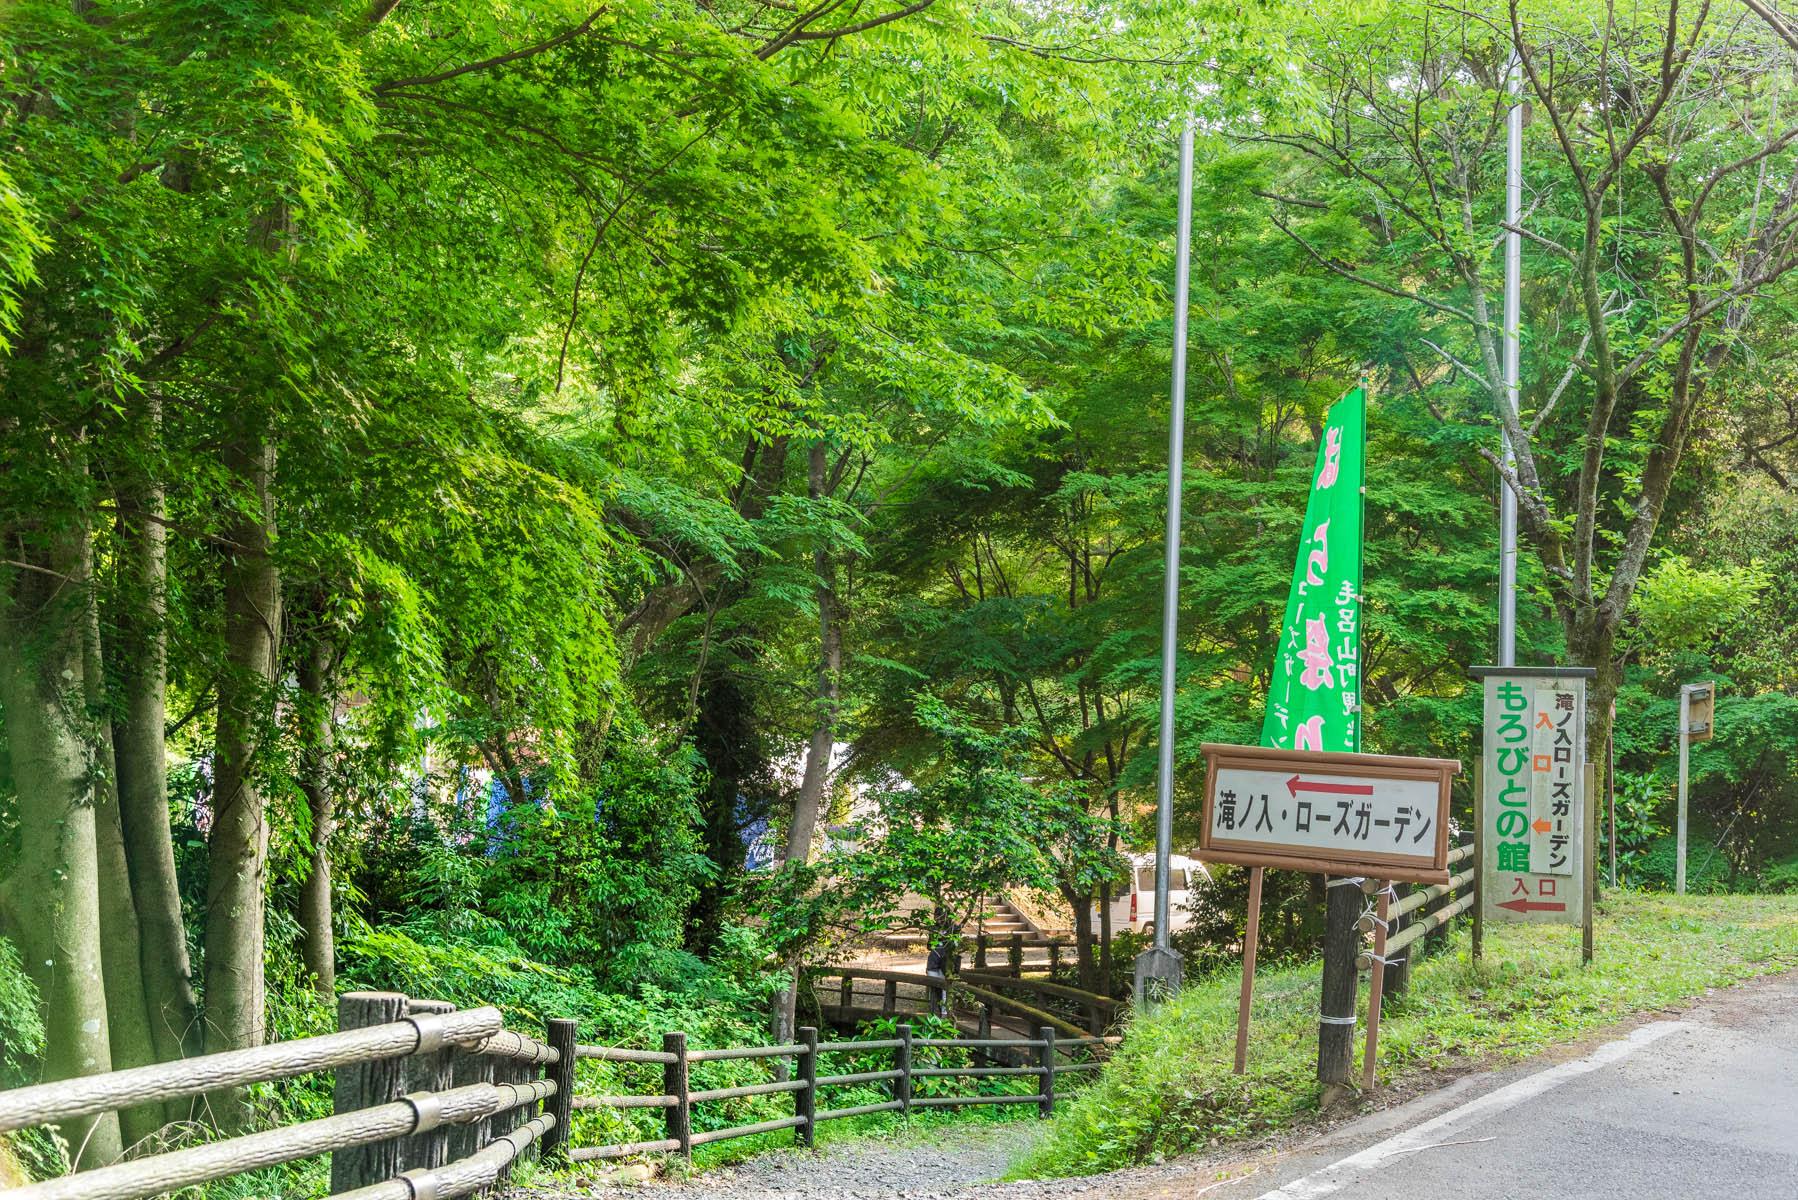 滝ノ入のバラまつり 滝ノ入・ローズガーデン